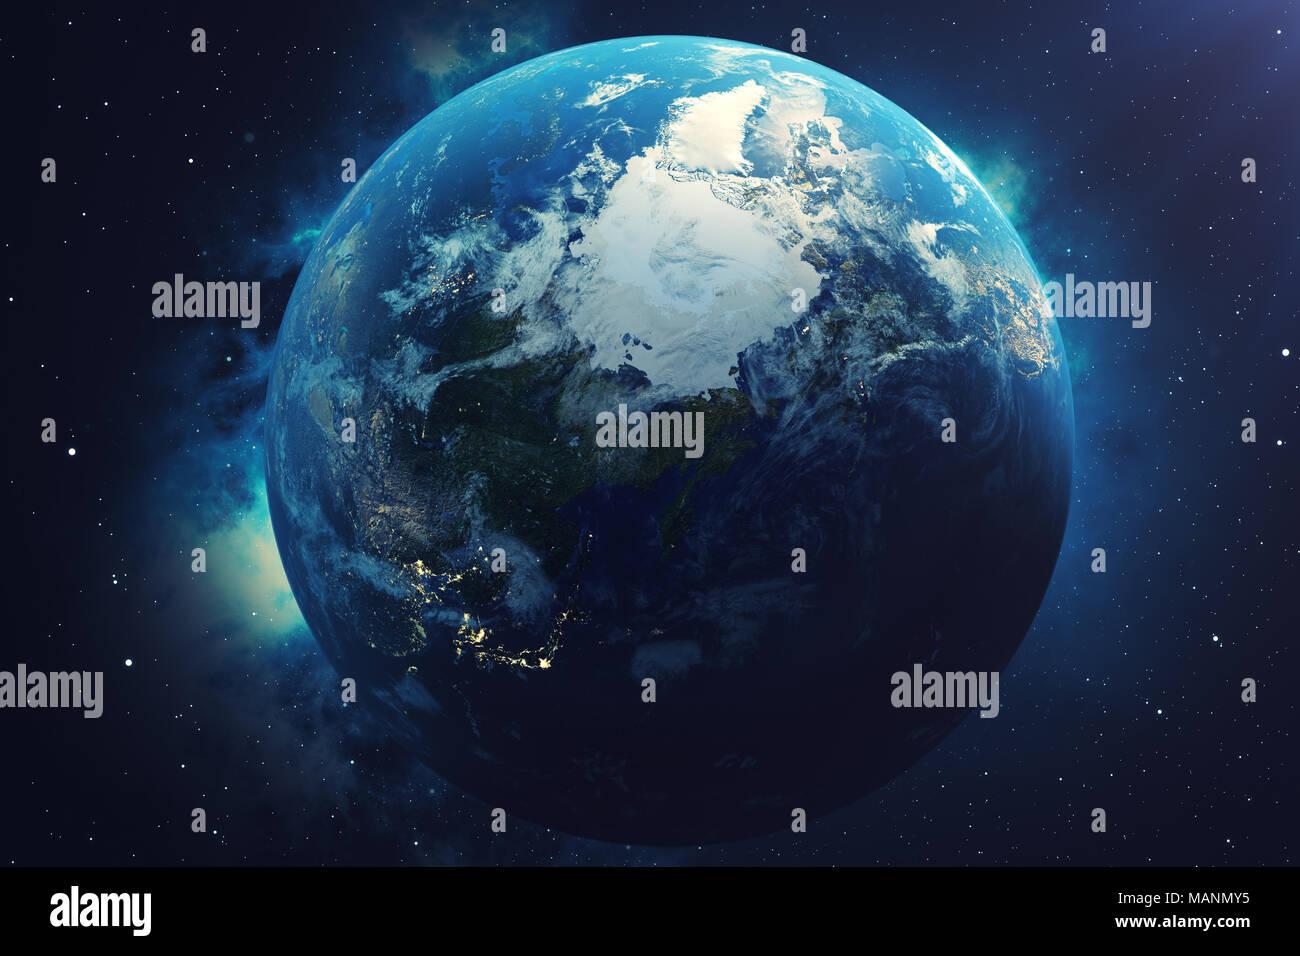 Astounding Weltkugel 3d Ideen Von 3d-rendering Weltkugel. Mit Hintergrund Sterne Und Nebel.